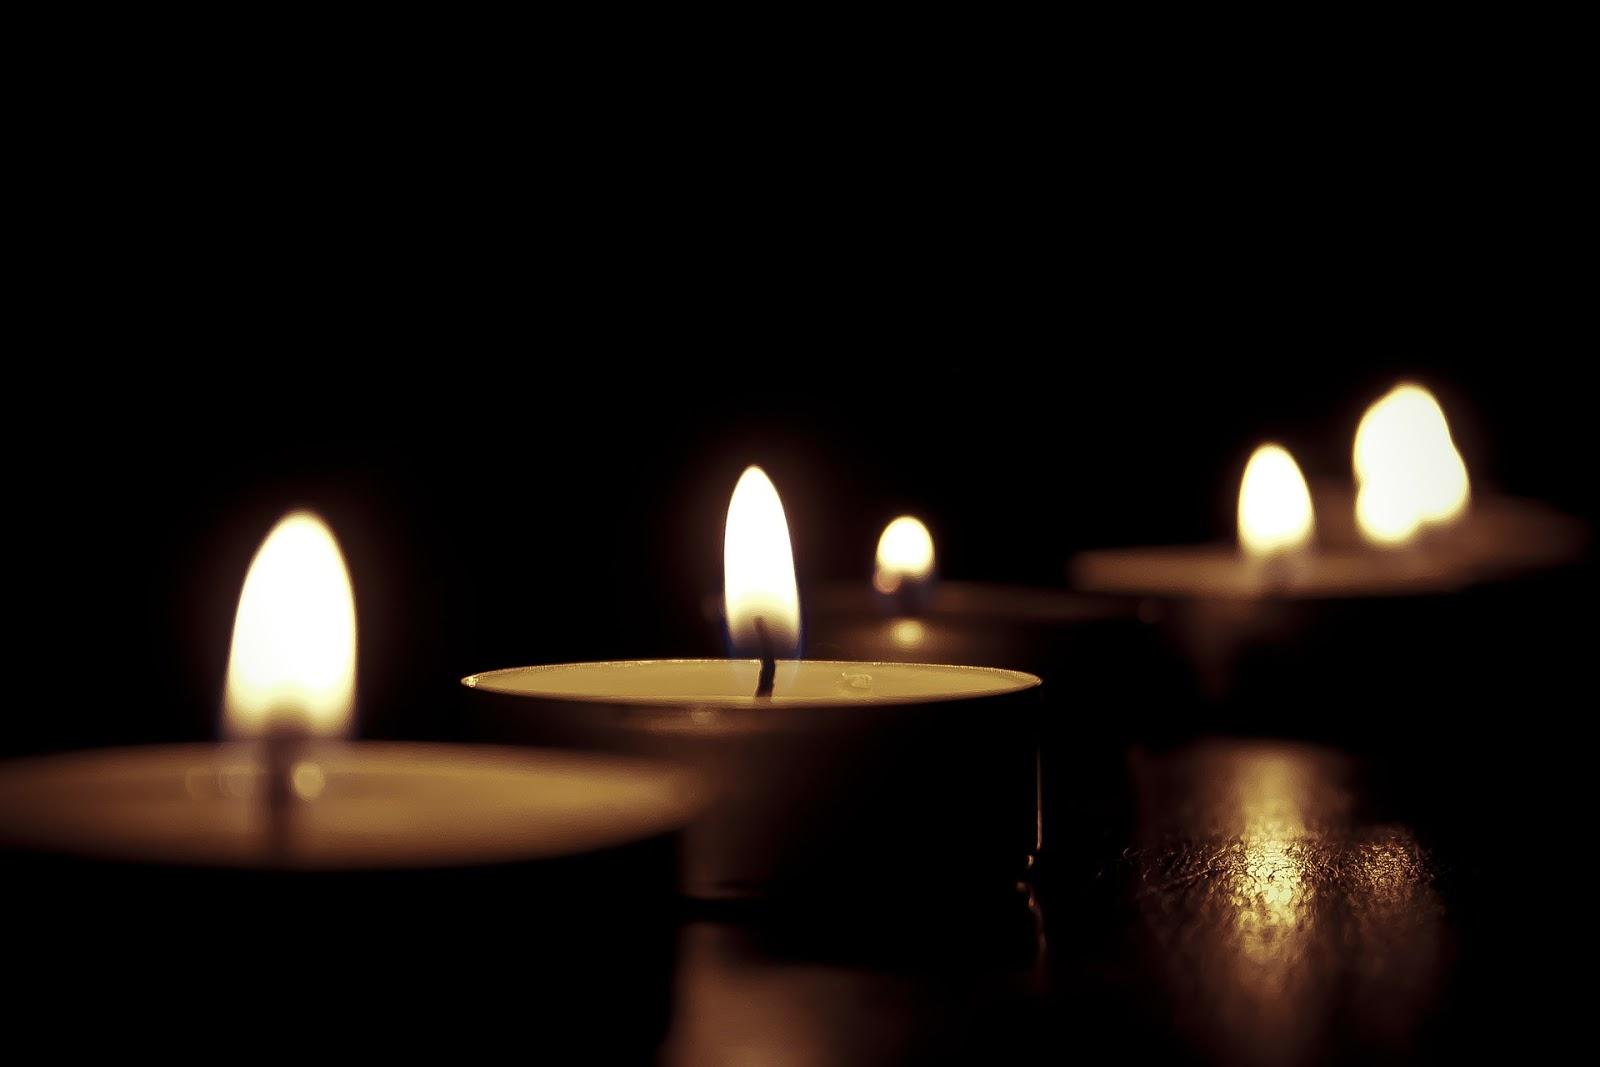 Earth Hour ilmastonmuutos ympäristö päästöt kynttilät ekologisuus eettisyys ilmasto kasvihuonepäästöt